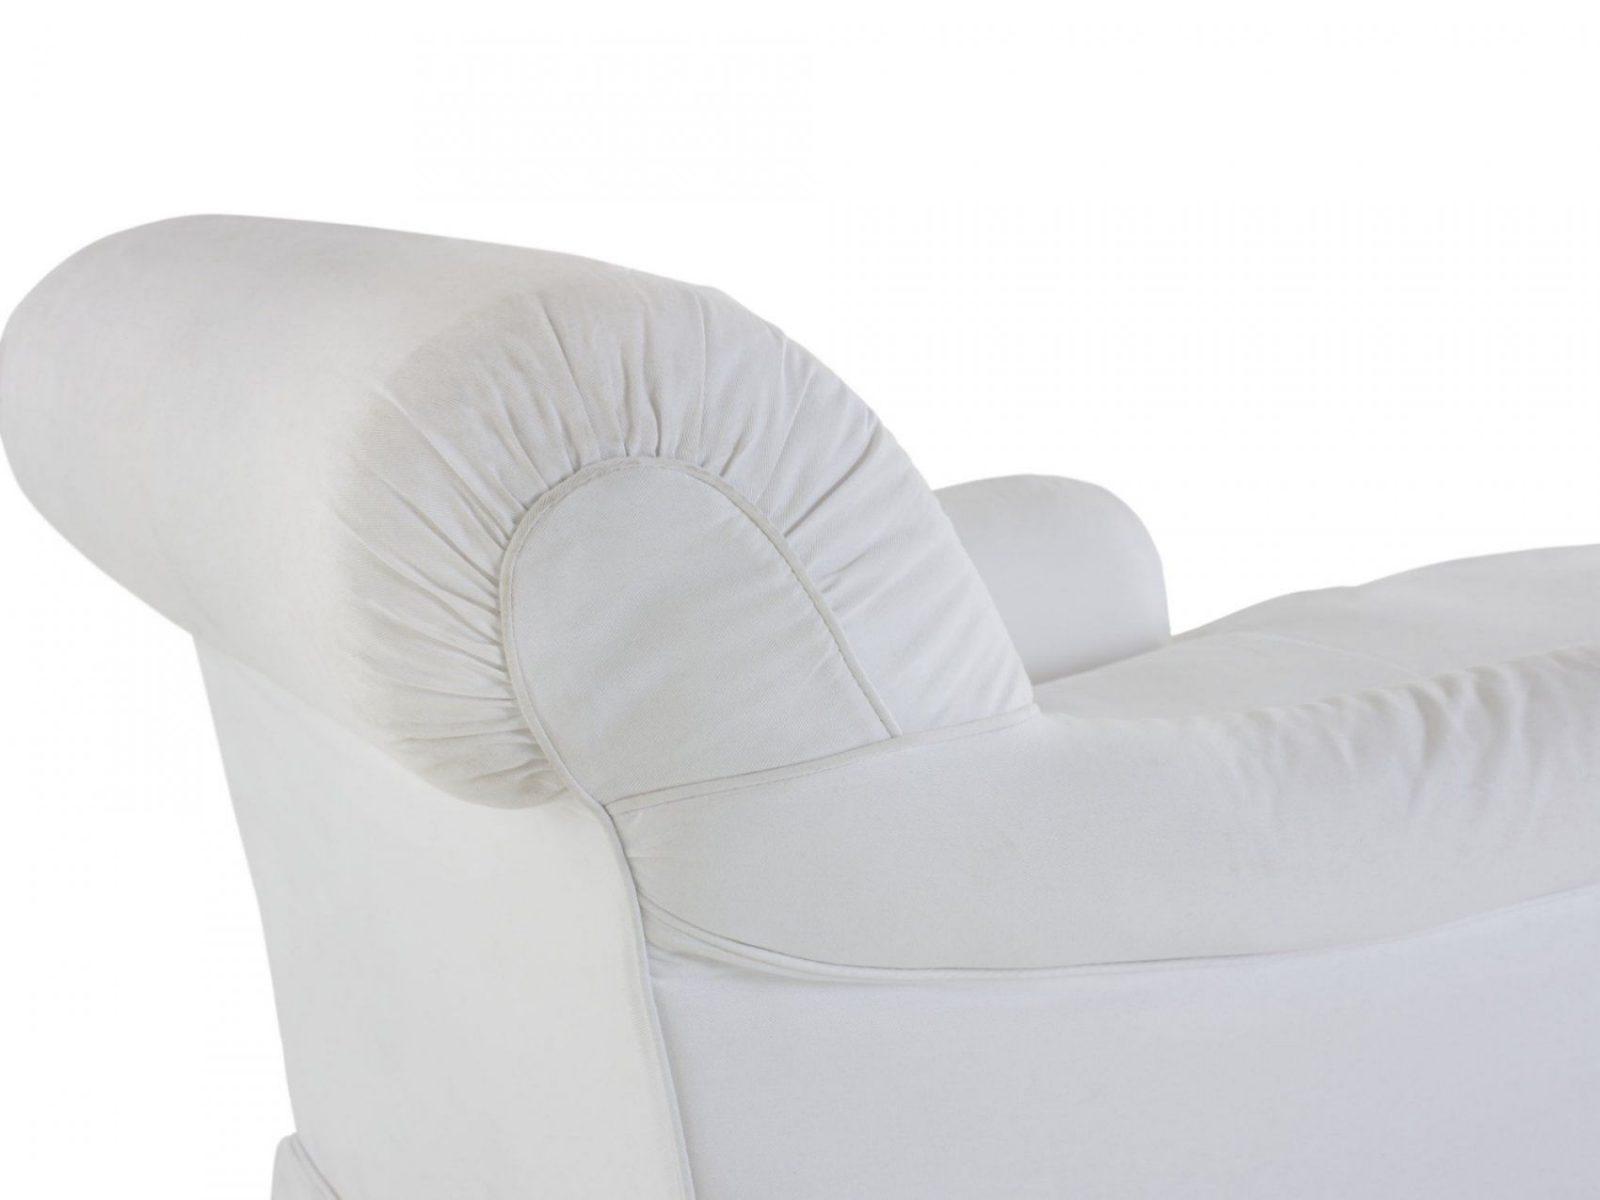 Hussen Fr Sessel Top Hussen F R Sofa Sofabezug Spannbezug Sofa von Hussen Für Ohrensessel Mit Hocker Photo